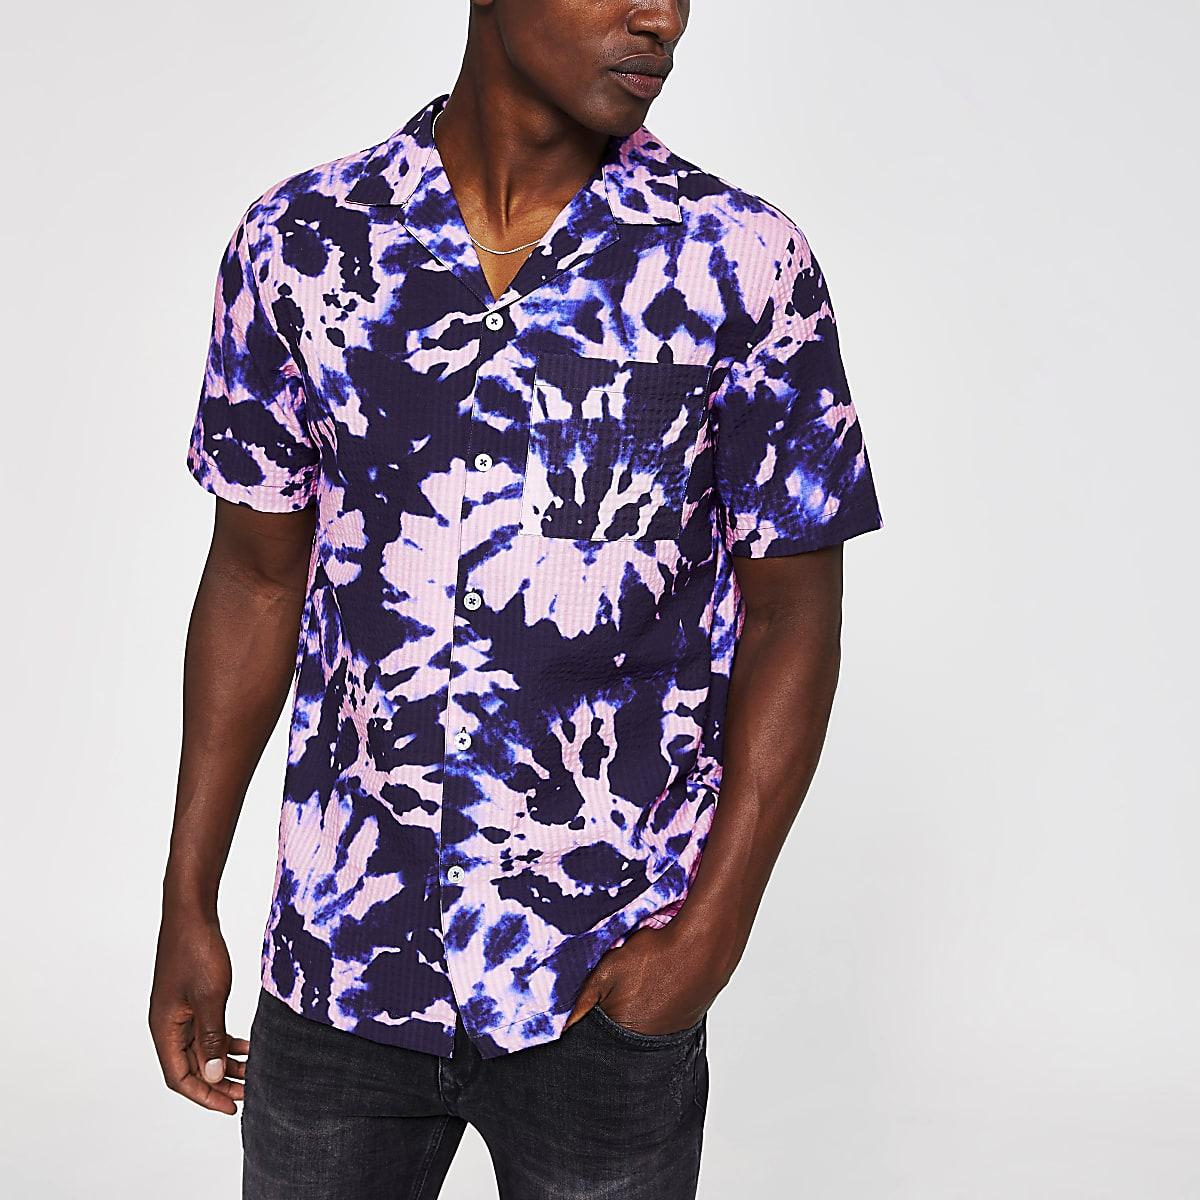 Chemise effet tie and dye violette à manches courtes